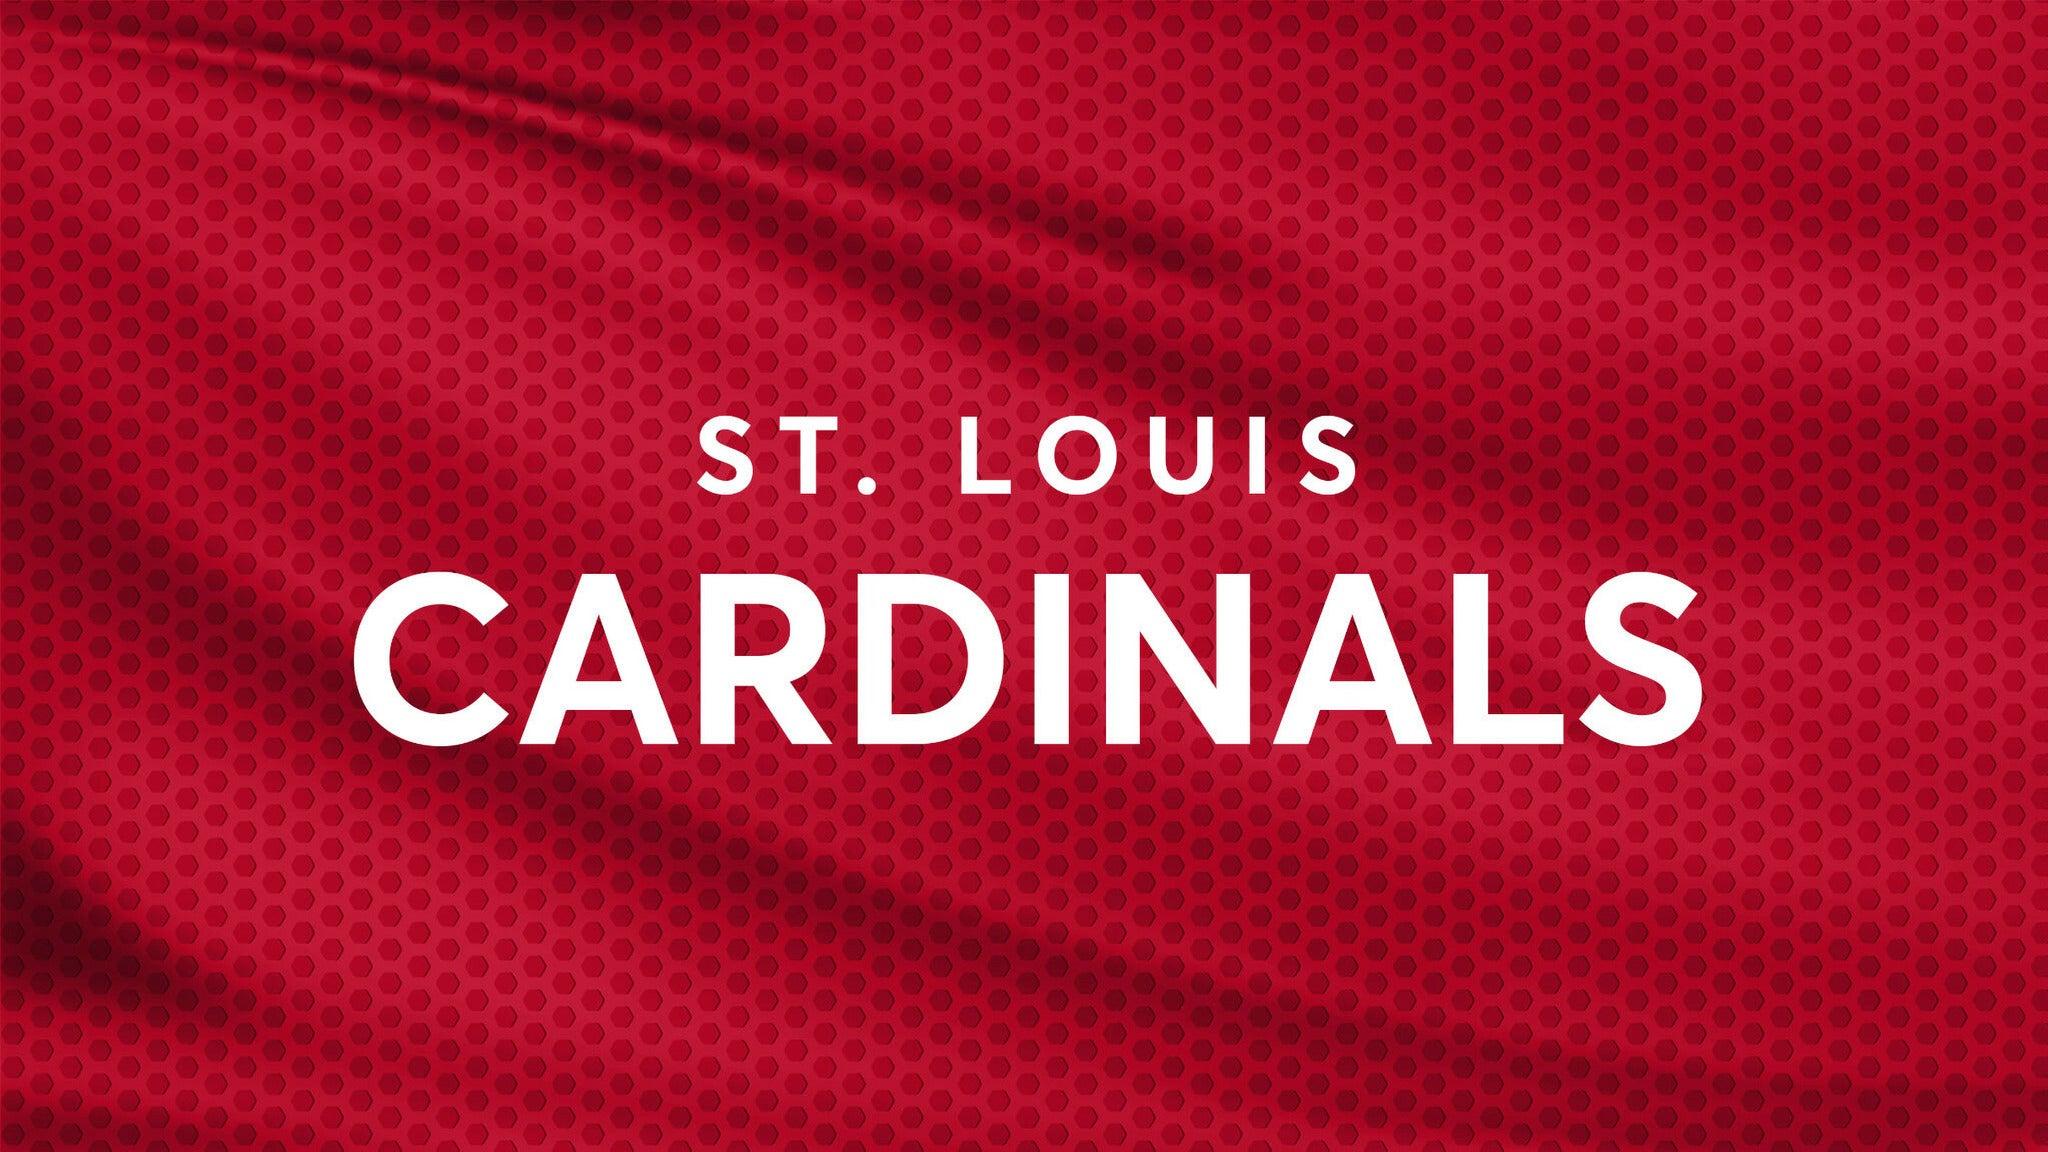 St. Louis Cardinals vs. Kansas City Royals